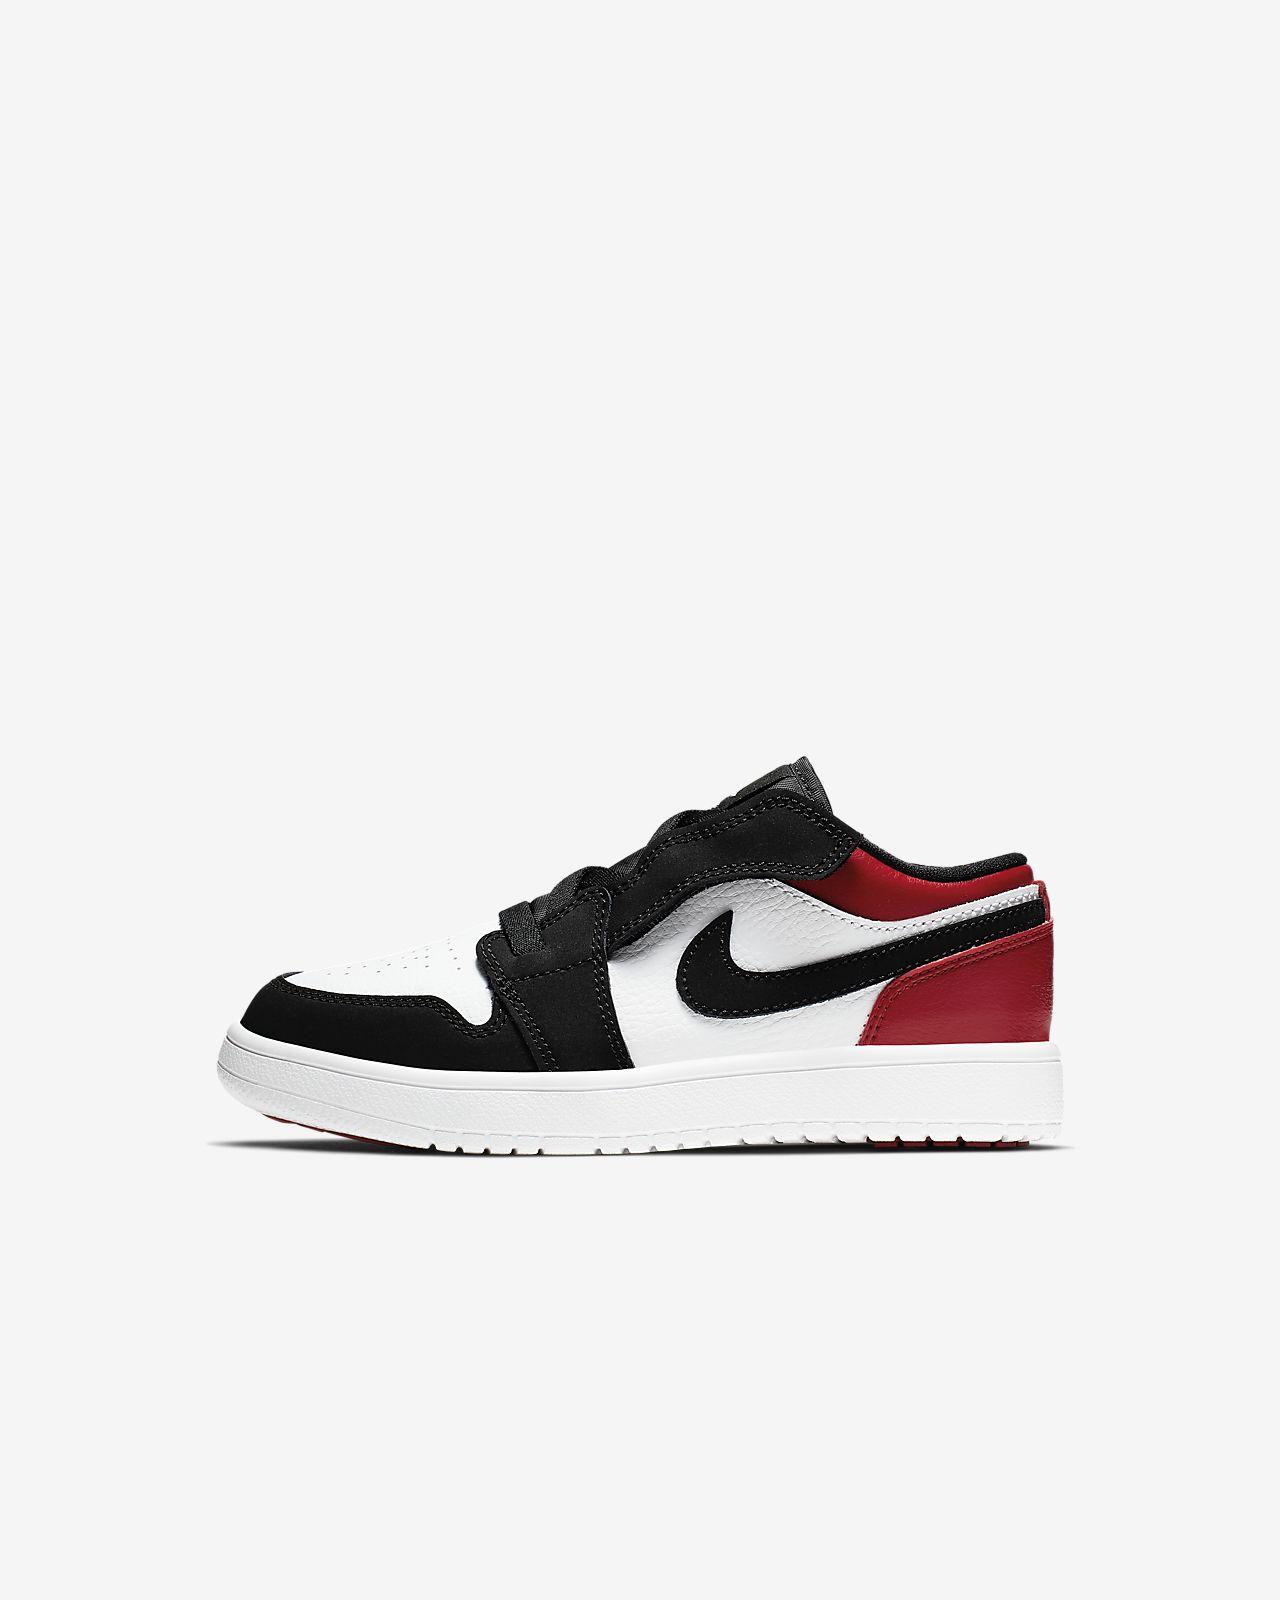 chaussures jordan nike, le meilleur porte . vente de maintenant